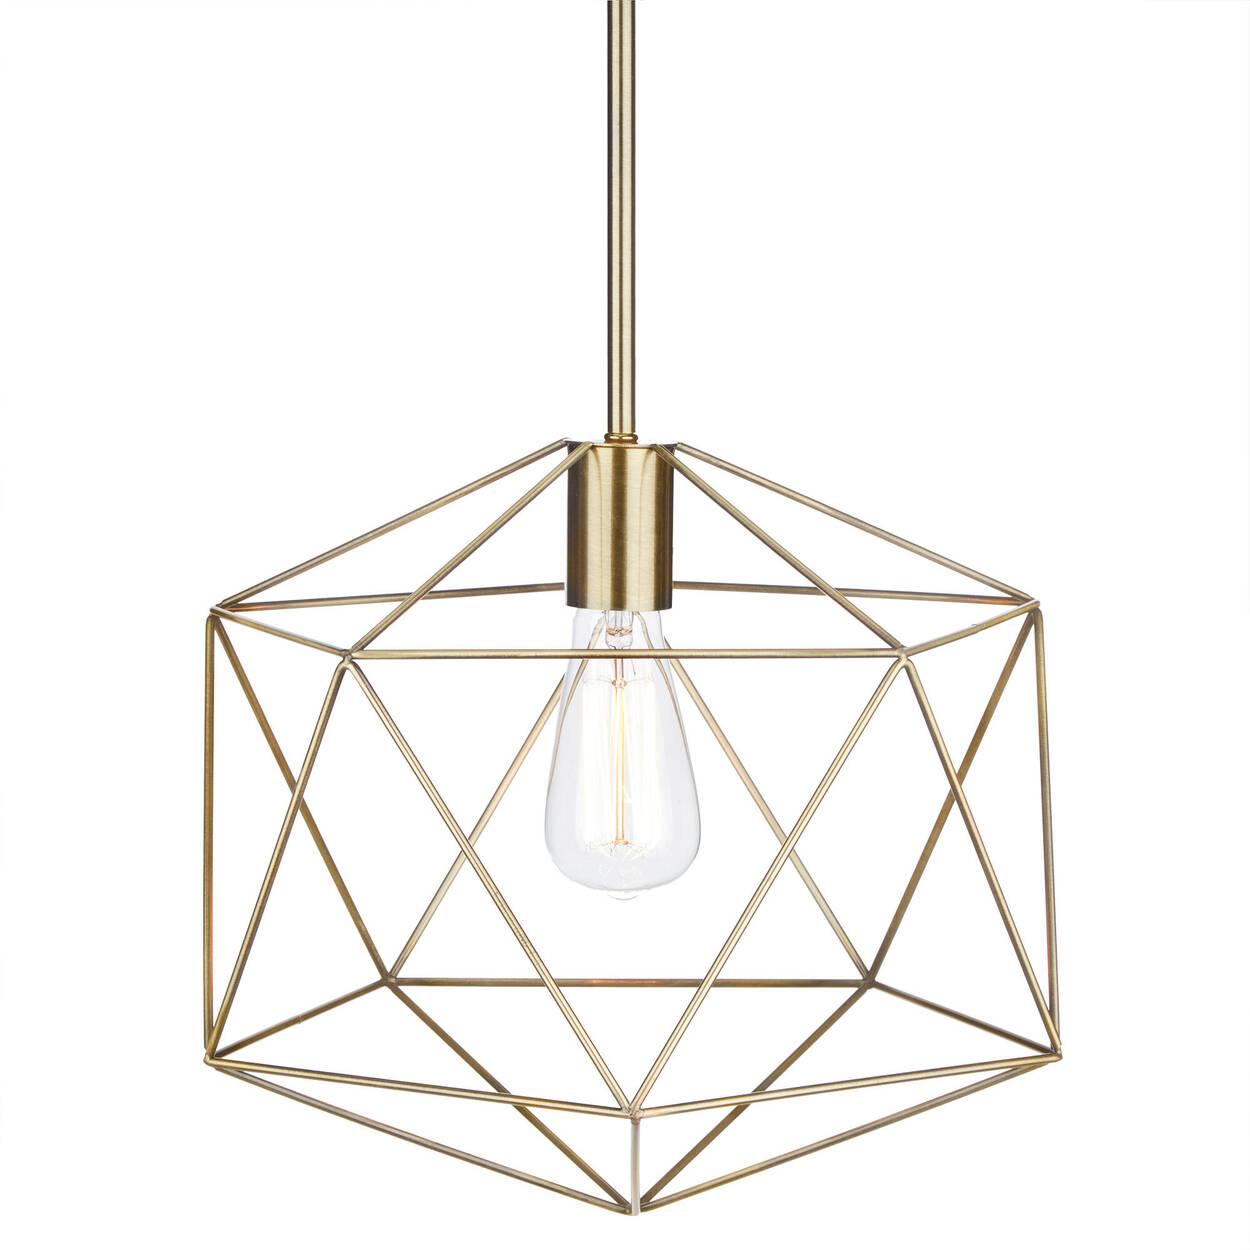 Lampe suspendue en fil de métal doré